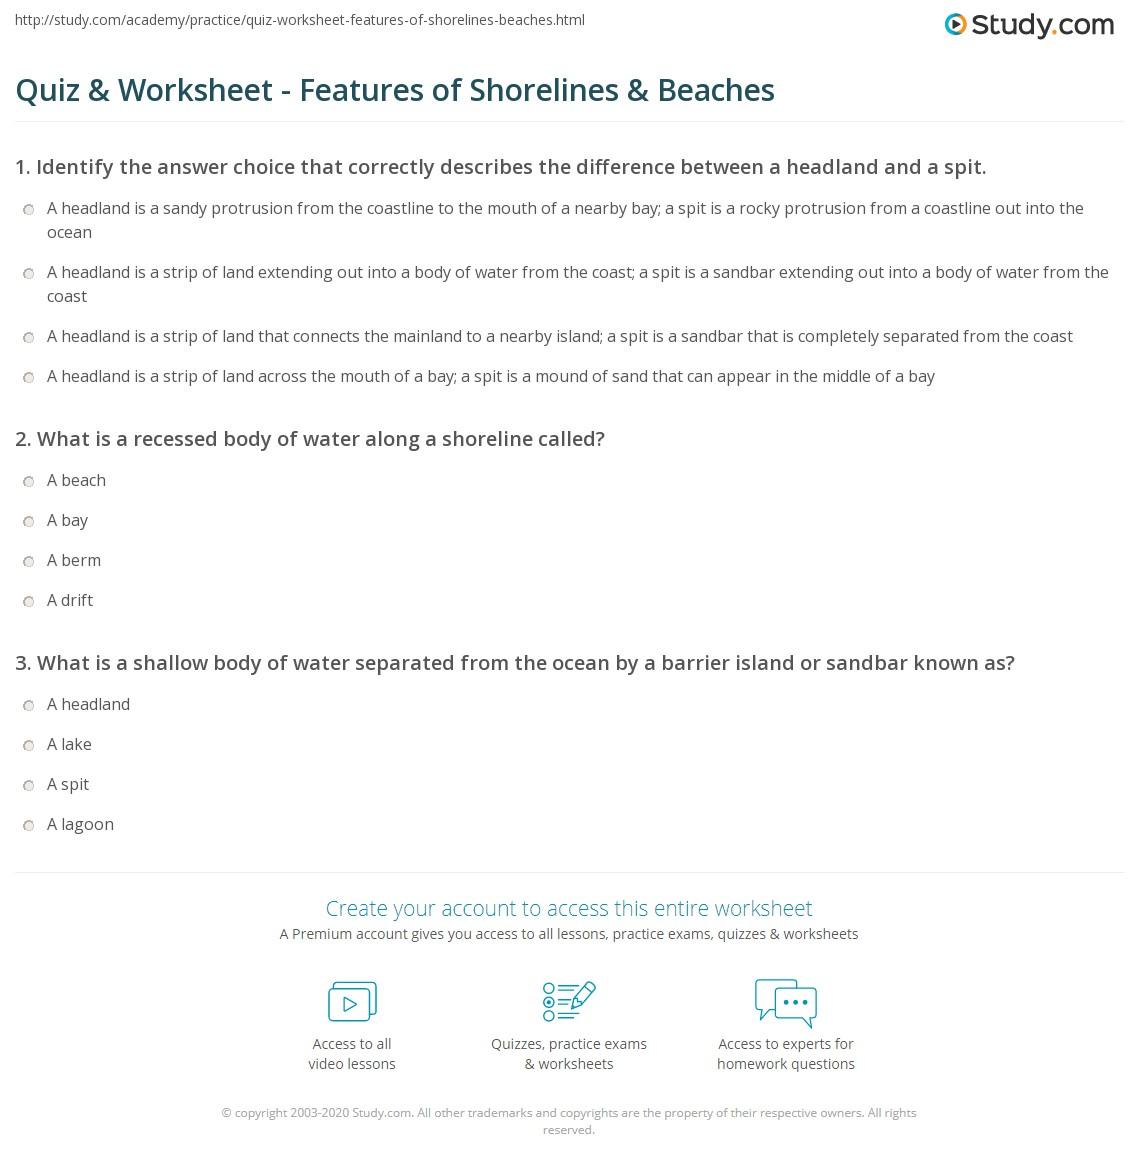 of Shorelines Beaches